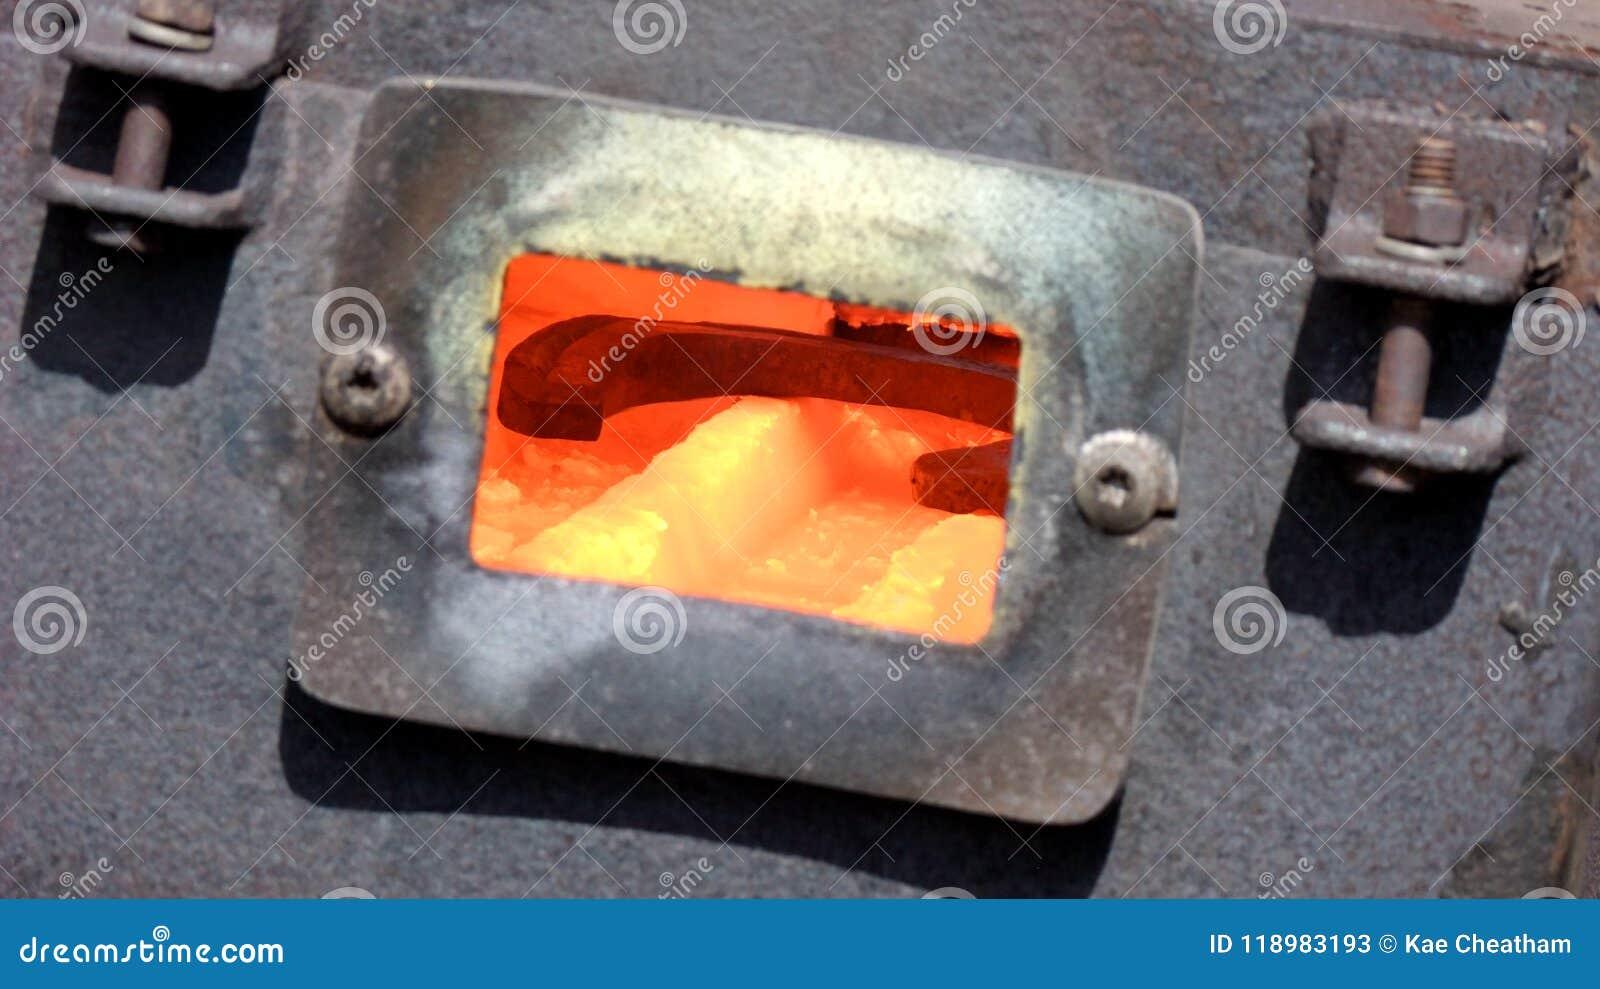 super popolare 7ad1a f1163 Lavoro Del Maniscalco: Forgia Per Le Scarpe Di Riscaldamento ...